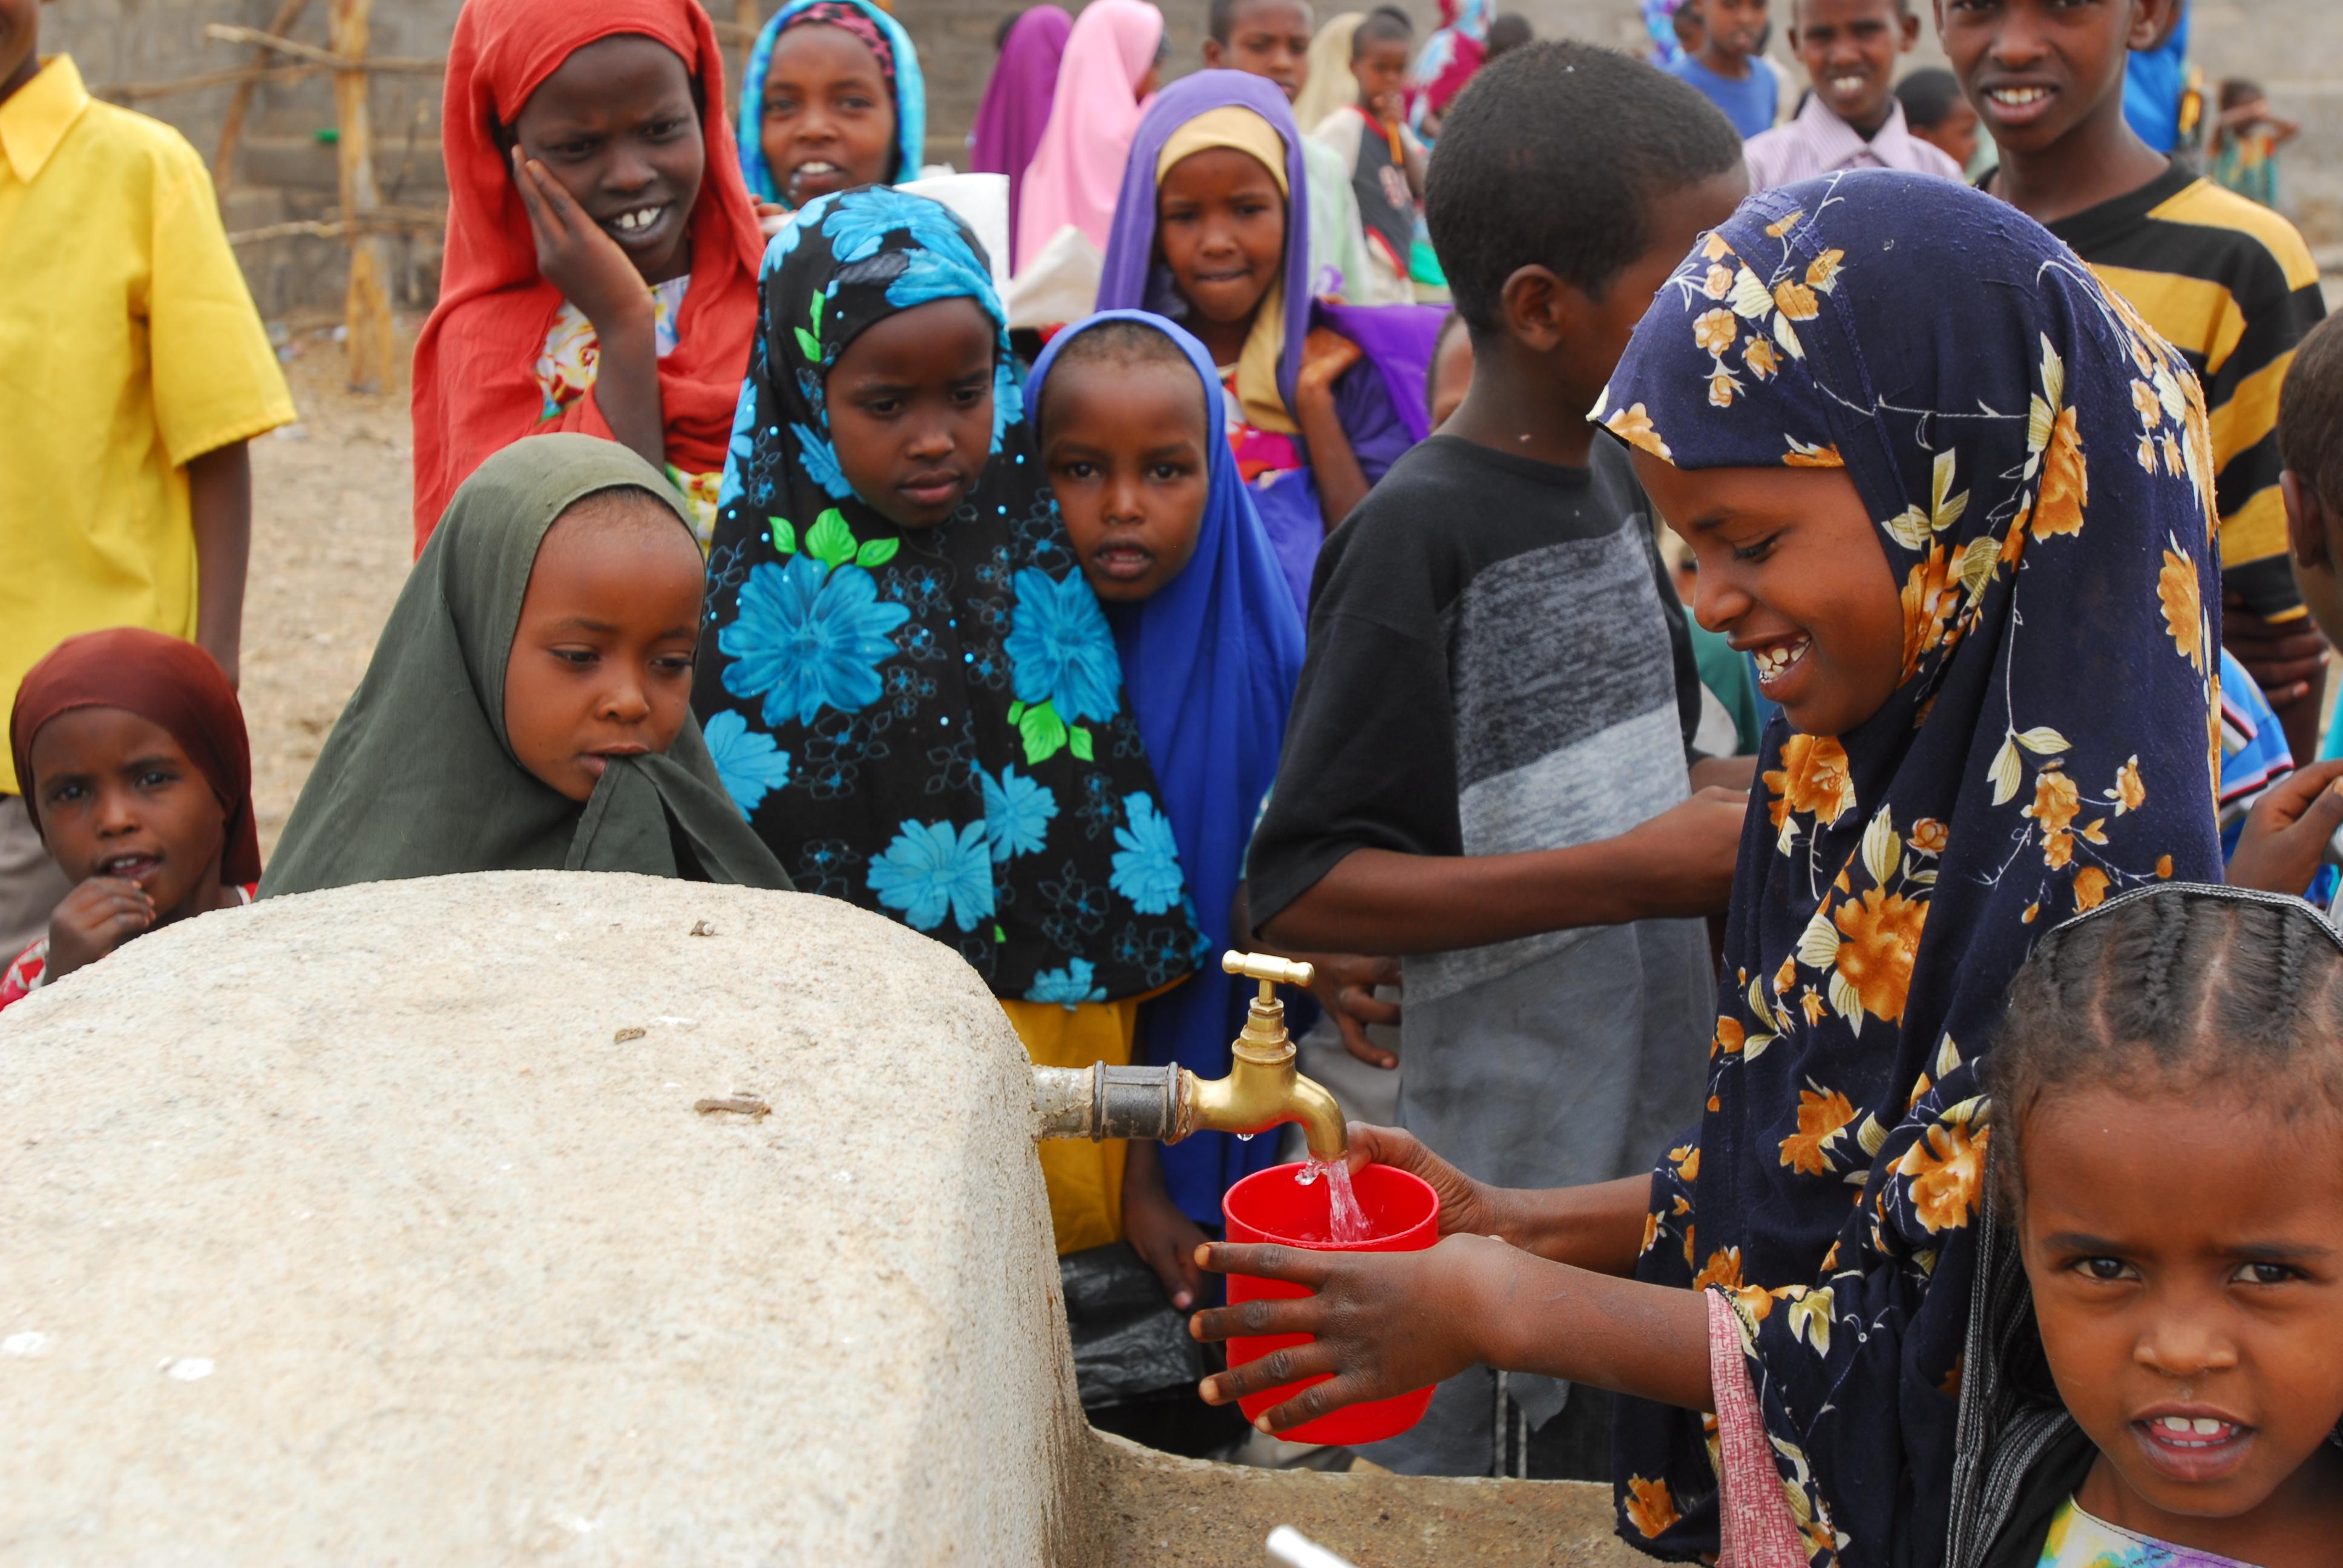 Credit: UNICEF Ethiopia/Getachew Asmare